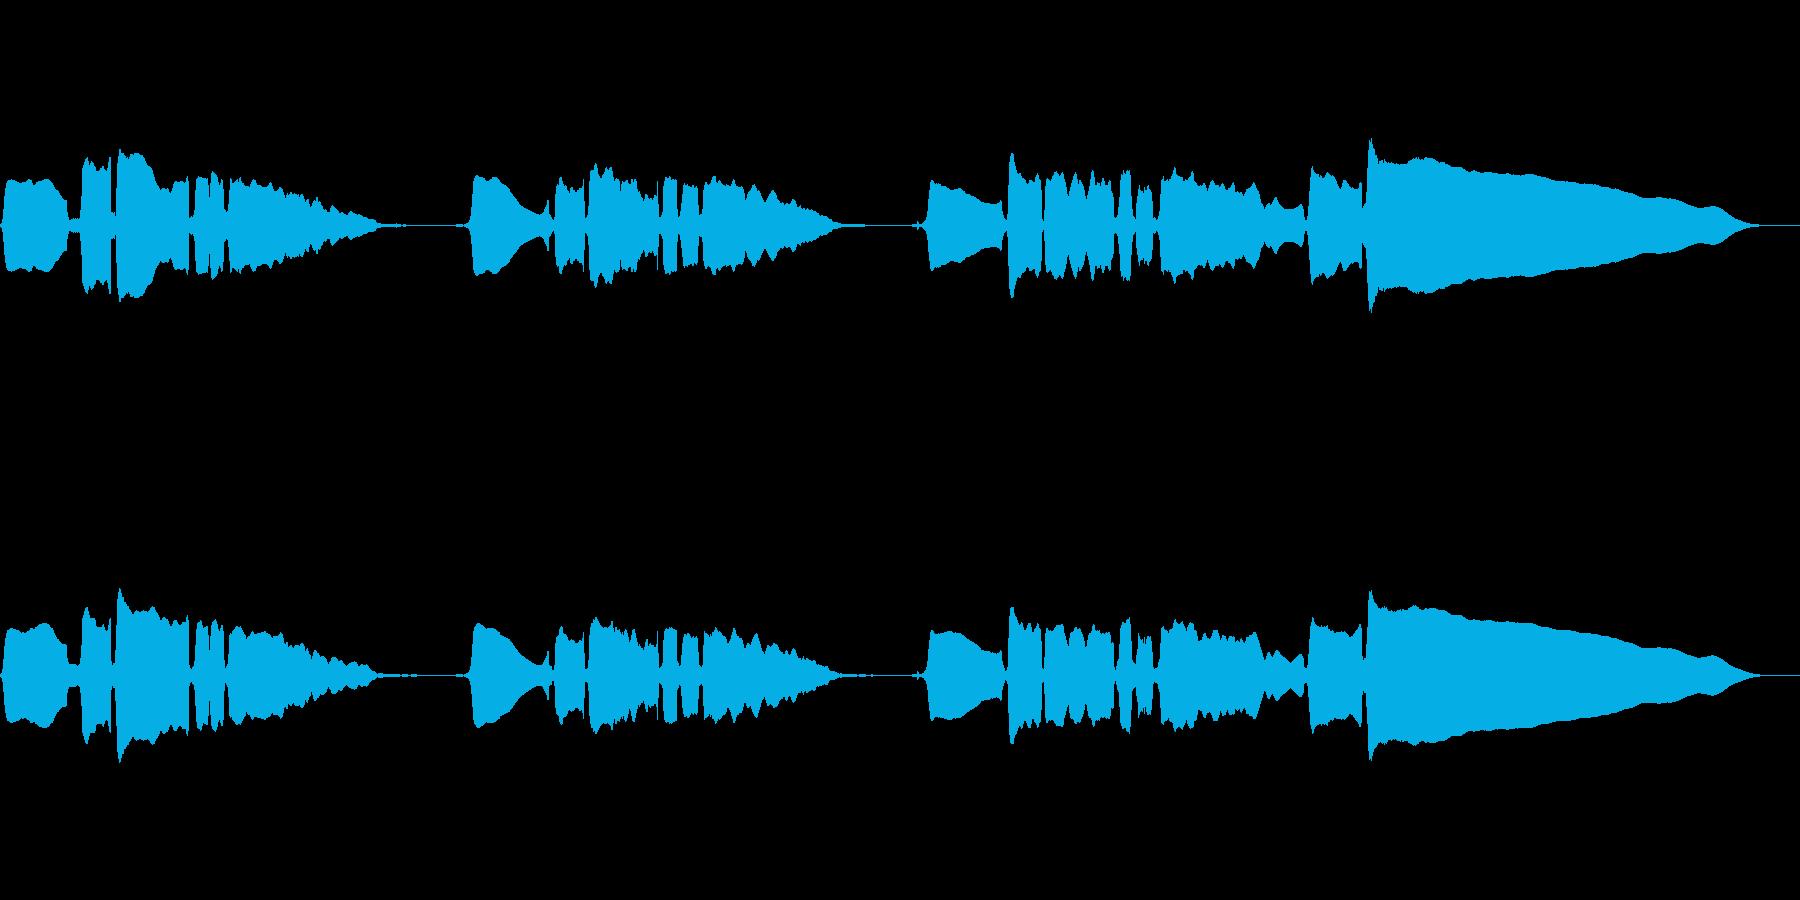 サックスのソロ演奏の再生済みの波形